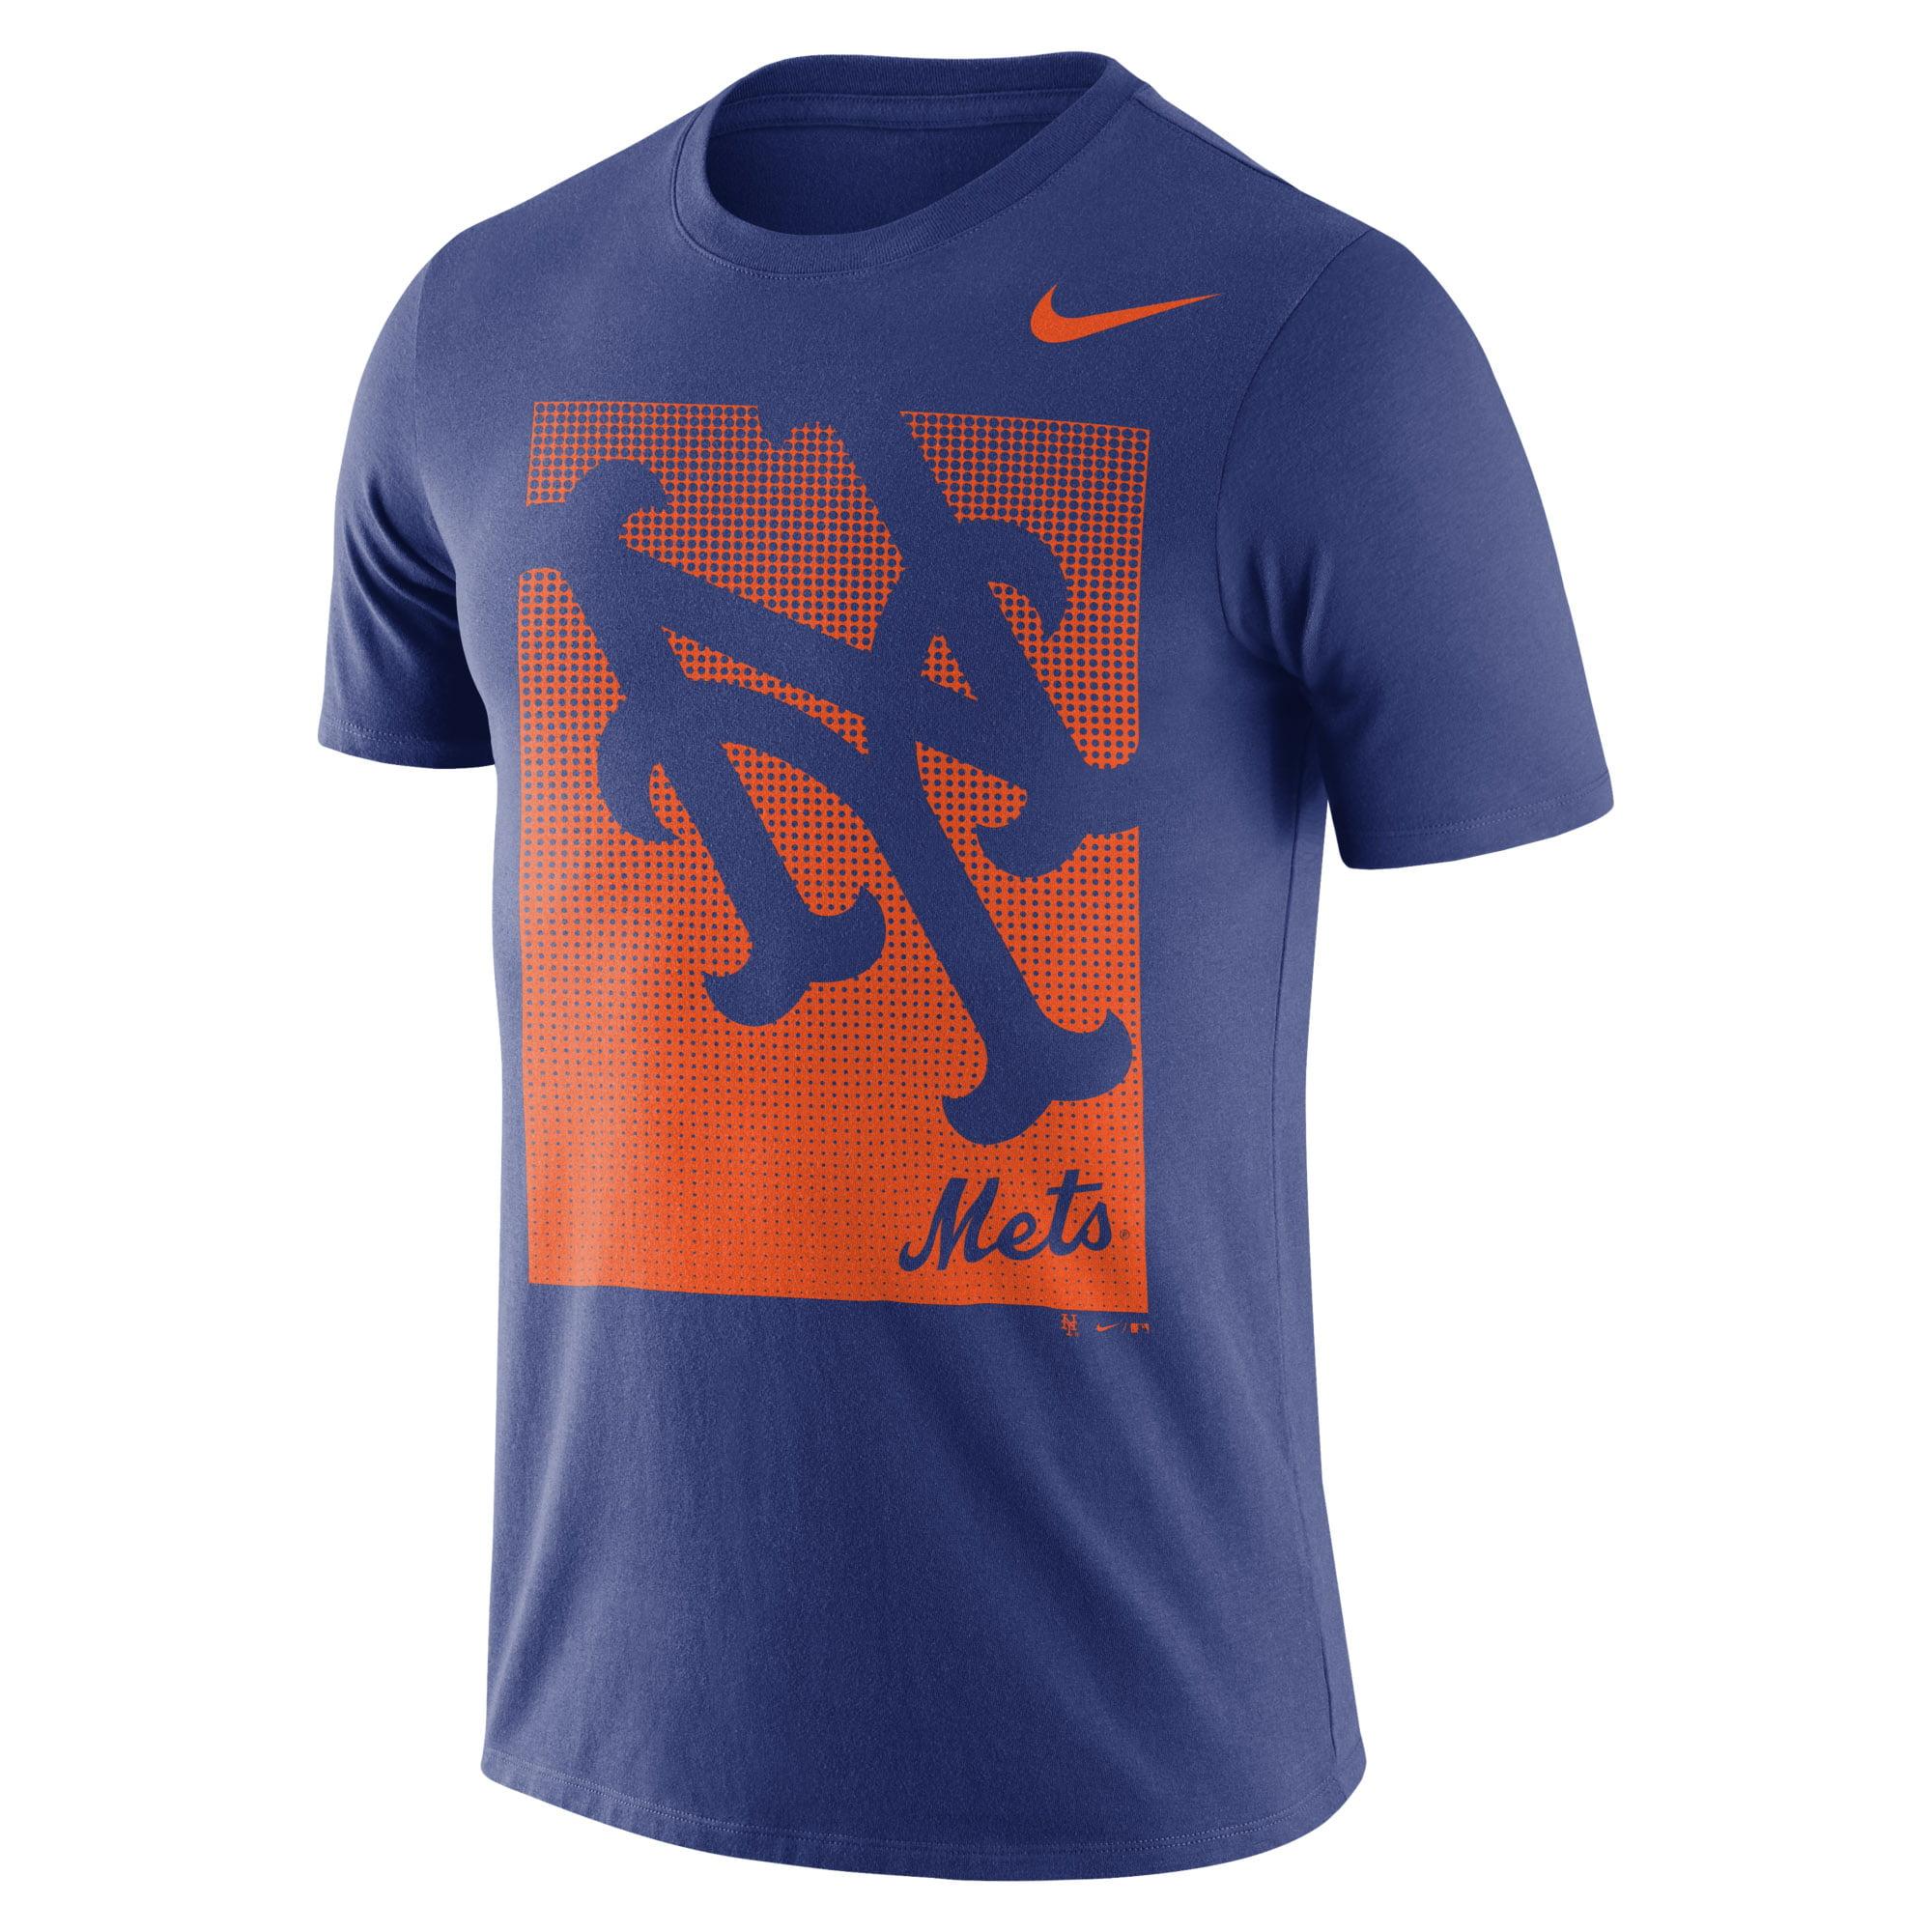 Men's Nike Royal New York Mets Fade T-Shirt